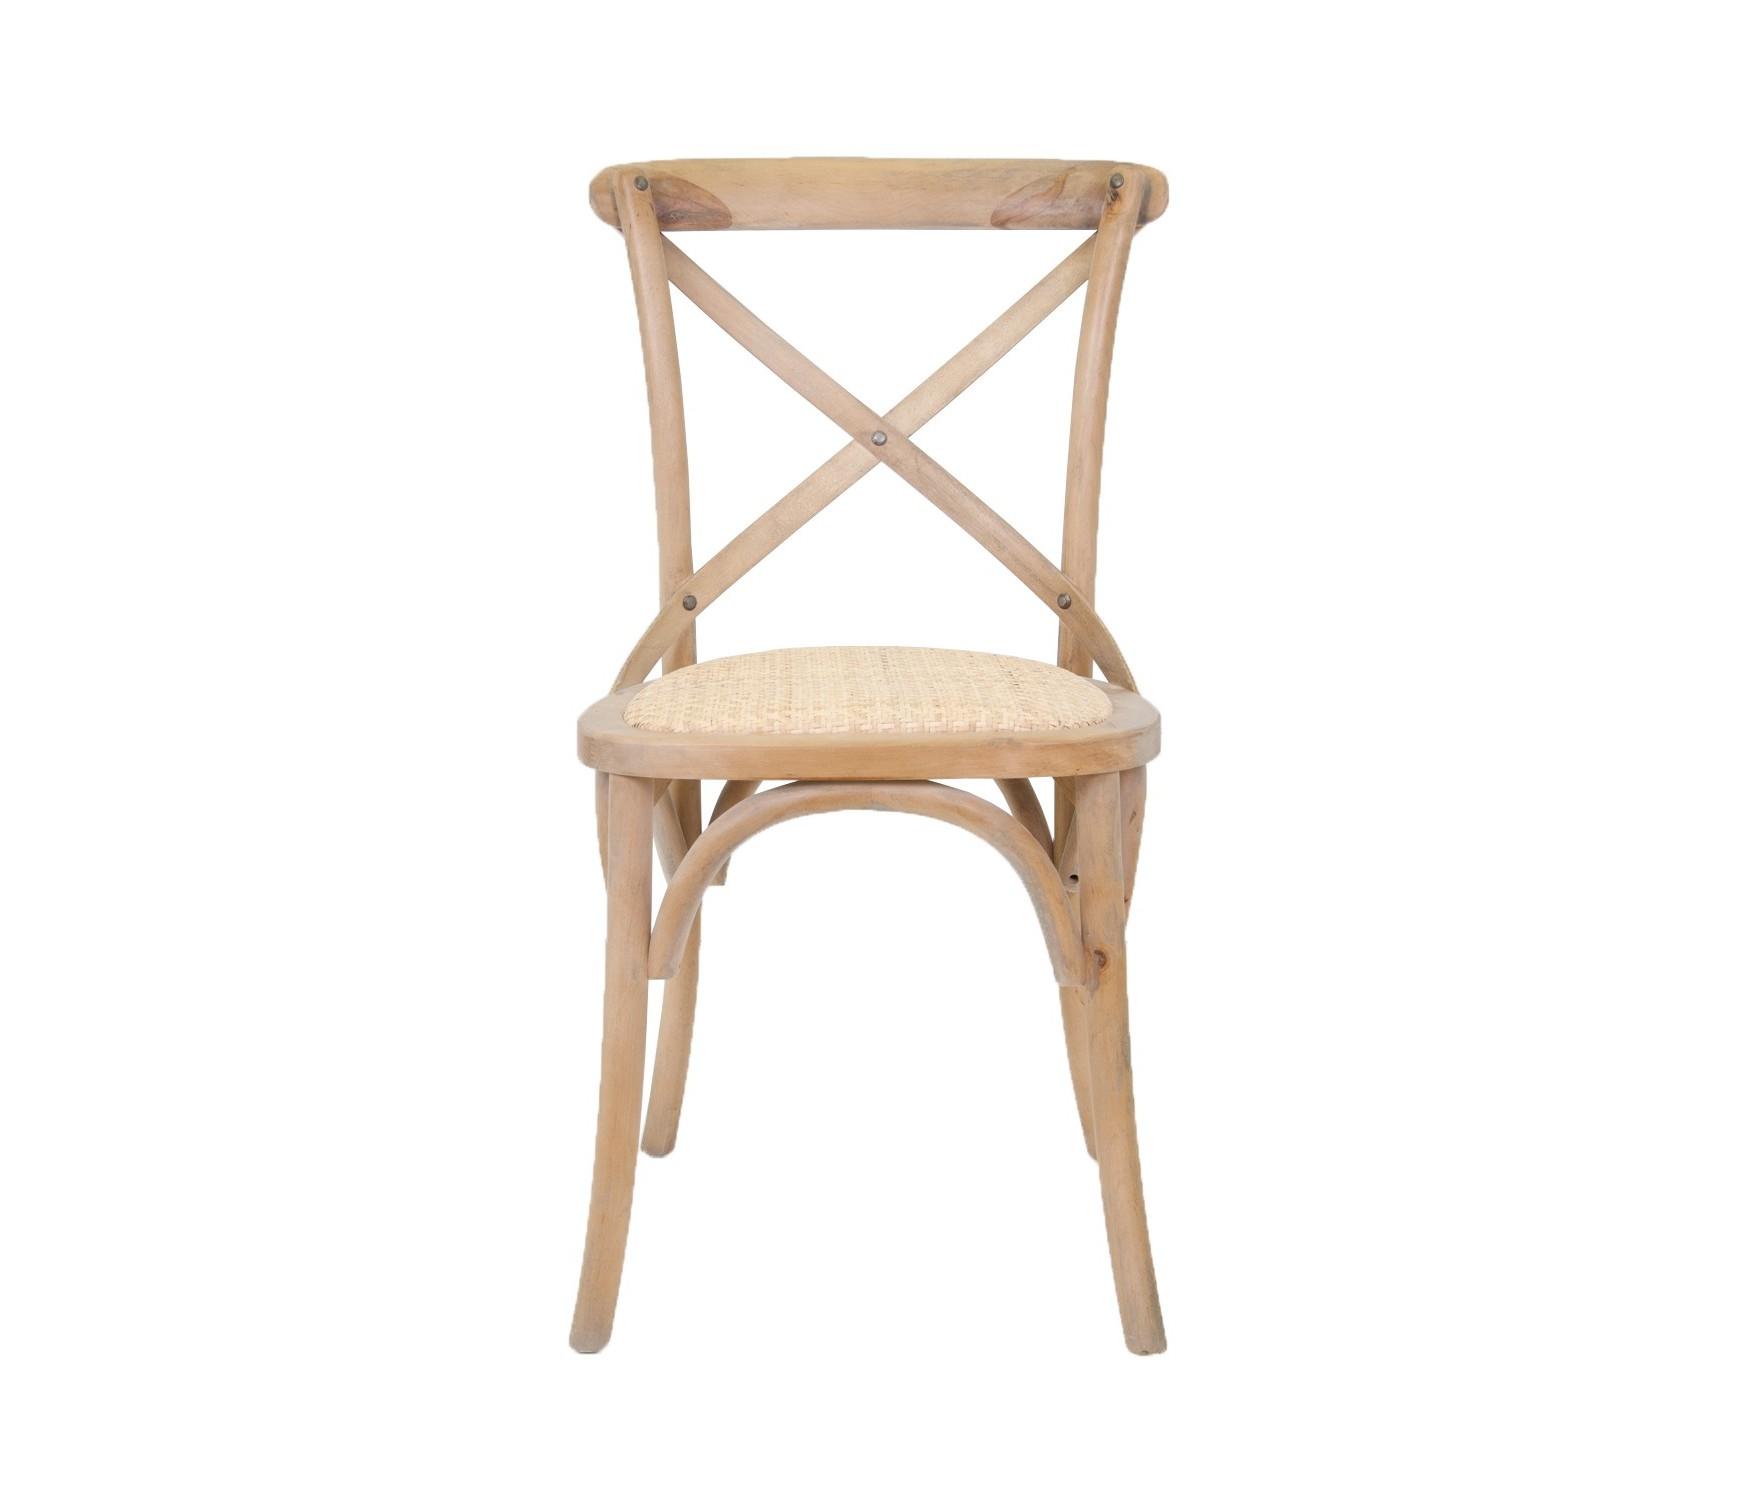 Стул Cross backОбеденные стулья<br>Одна из самых популярных моделей стульев в духе кафе Европы. Удобная крестообразная спинка, в сочетании с сидением из ротанга придает стулу невероятный комфорт. Стул отлично подходит как для домашнего интерьера, так и для кафе.&amp;amp;nbsp;&amp;lt;div&amp;gt;&amp;lt;br&amp;gt;&amp;lt;div&amp;gt;Материал: береза, ротанг.&amp;lt;br&amp;gt;&amp;lt;/div&amp;gt;&amp;lt;/div&amp;gt;<br><br>Material: Береза<br>Width см: 45<br>Depth см: 50<br>Height см: 89